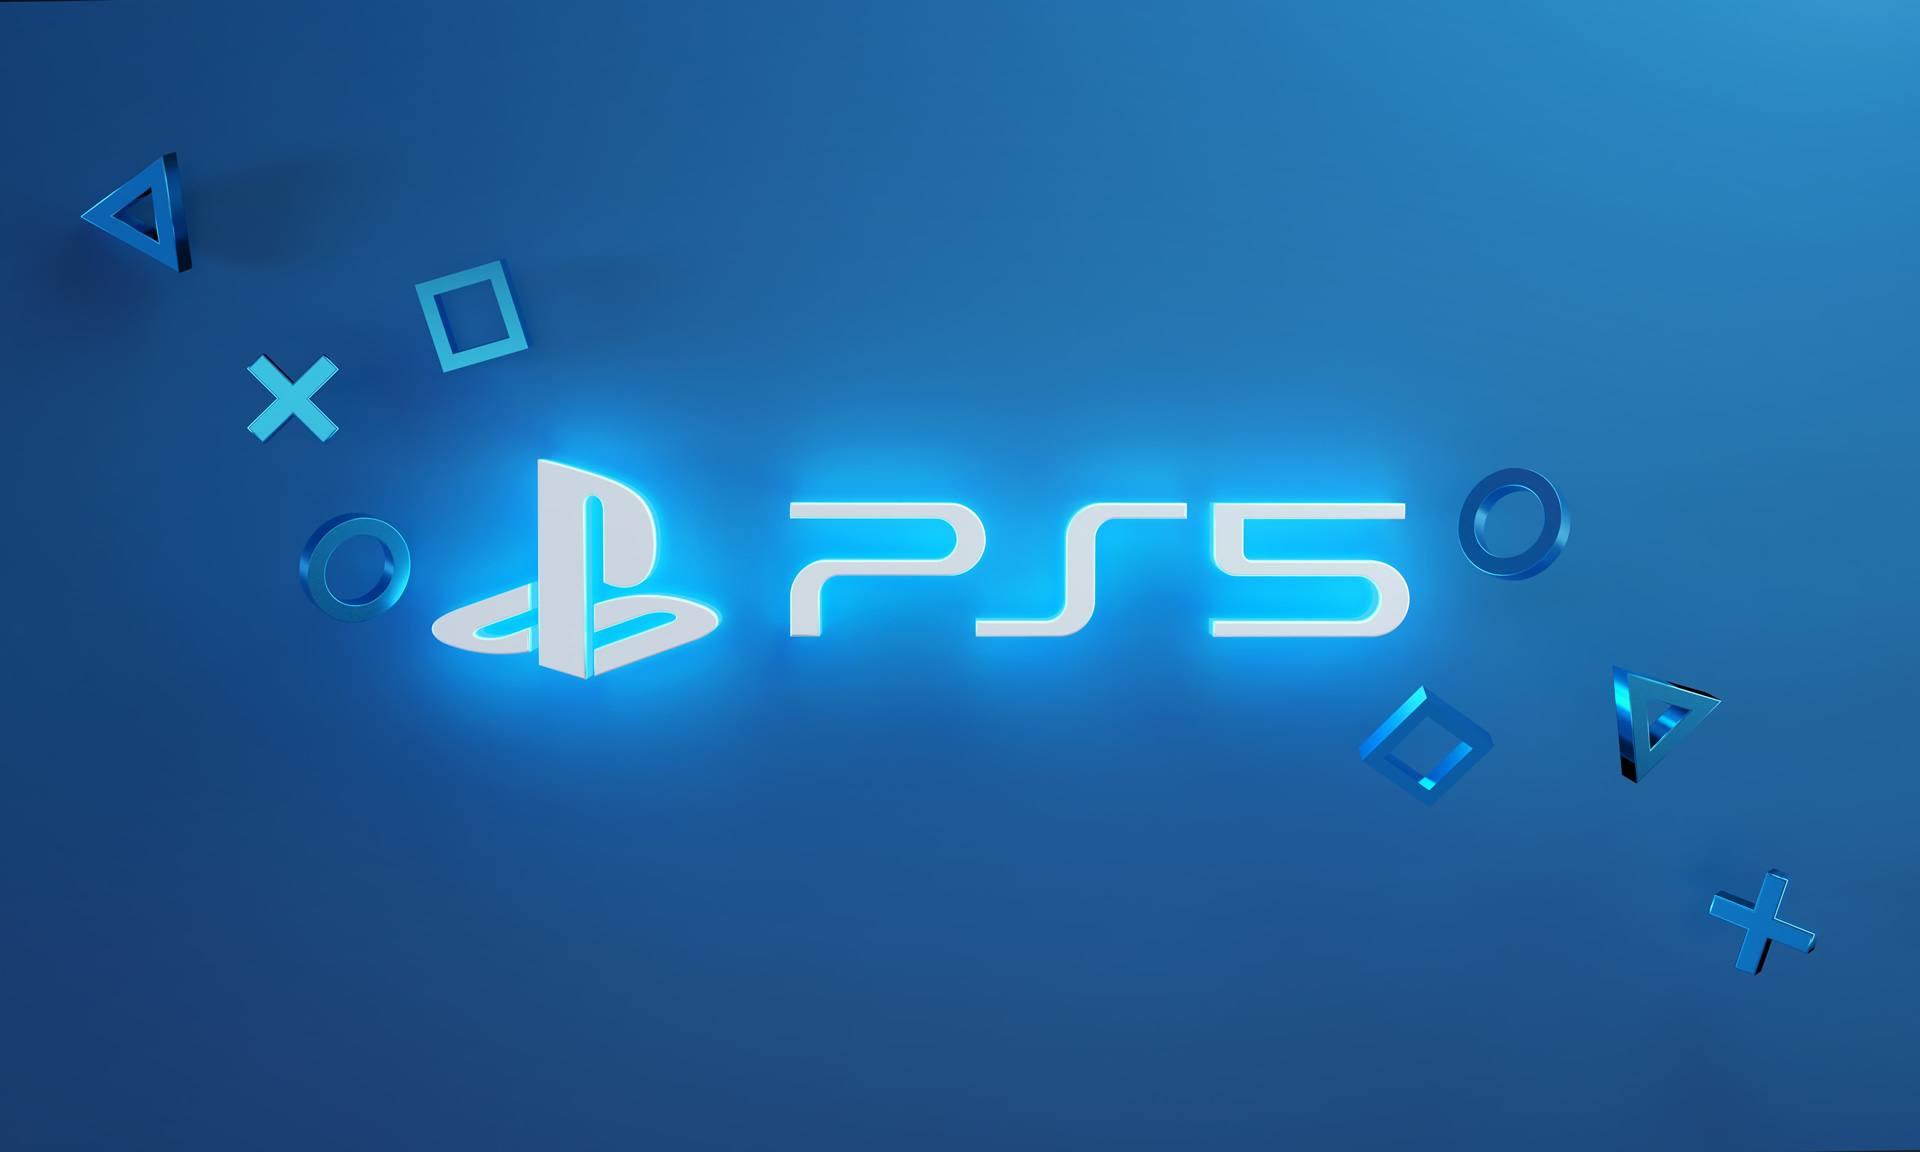 Detalhes sobre o PS5 - Preço estimado, lista de jogos e comparativo contra o PS4